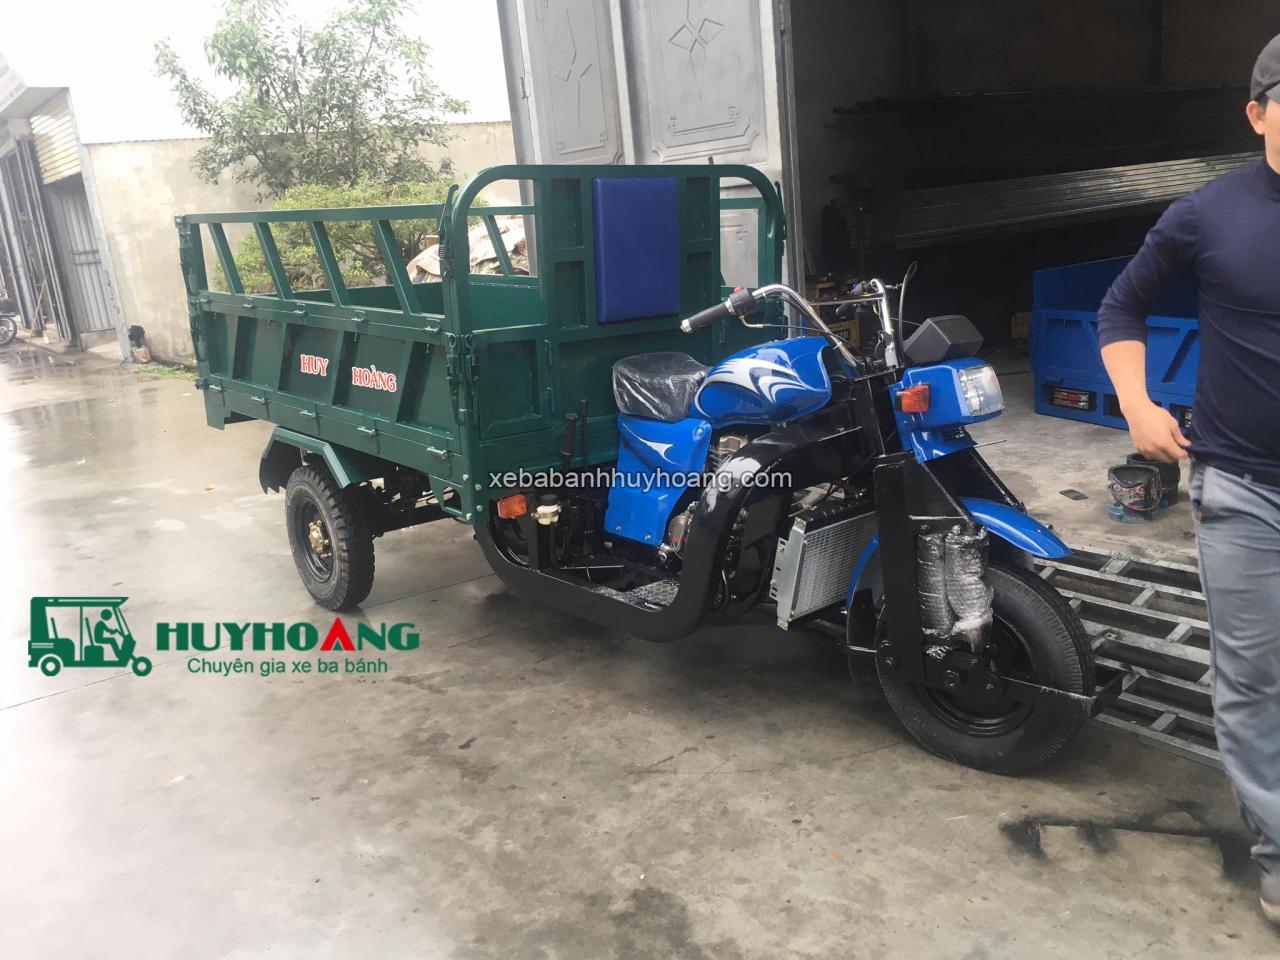 Xe ba gác tại Tiền Giang và kinh nghiệm xương máu khi mua xe.